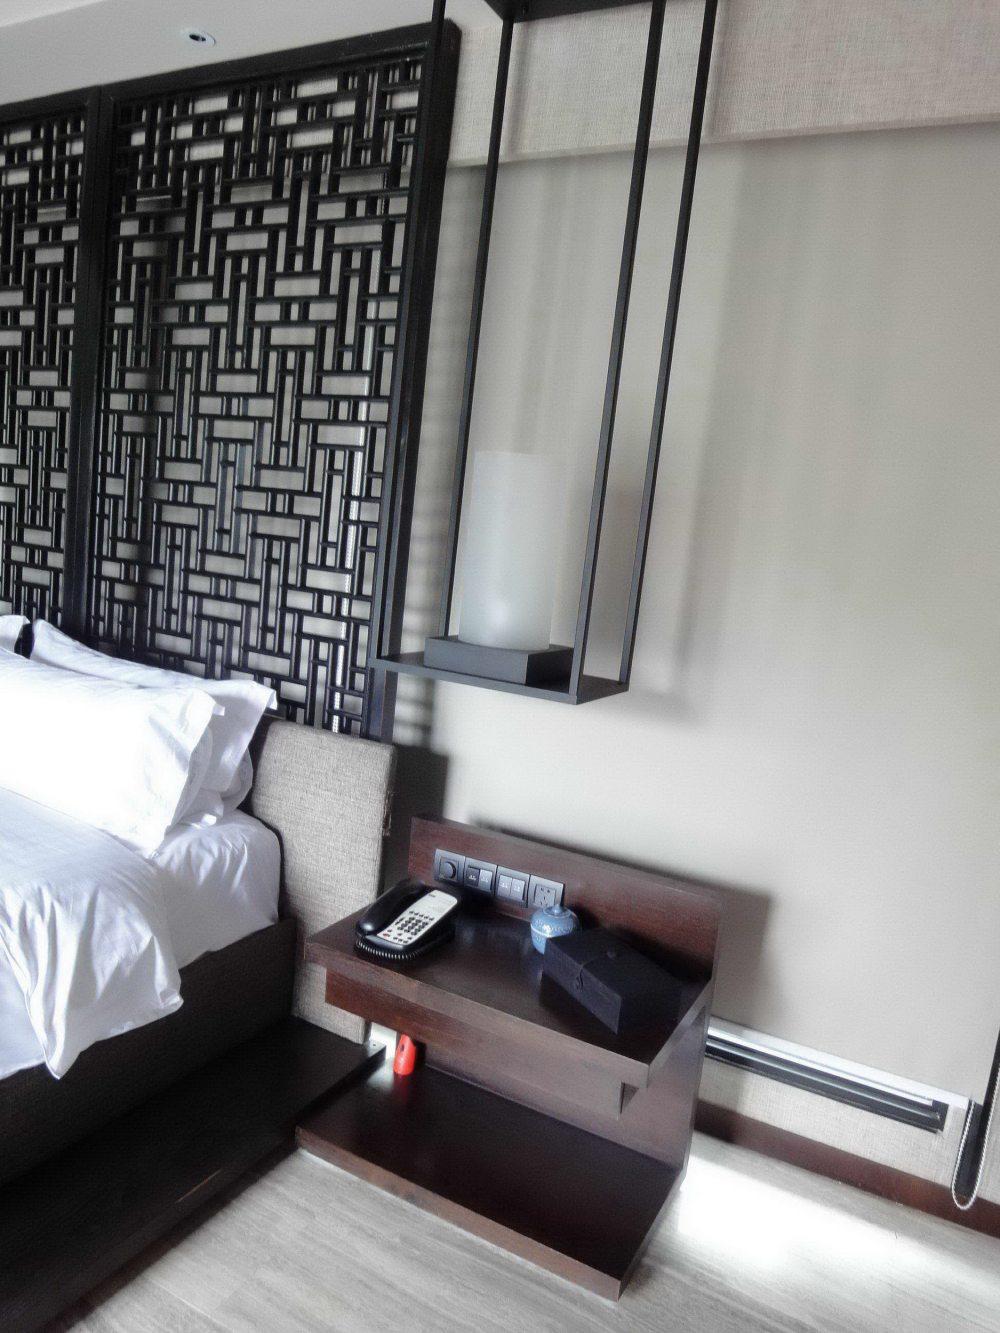 云南丽江铂尔曼渡假酒店(Lijiang Pullman Hotel)(CCD)(第8页更新)_DSC05178.jpg